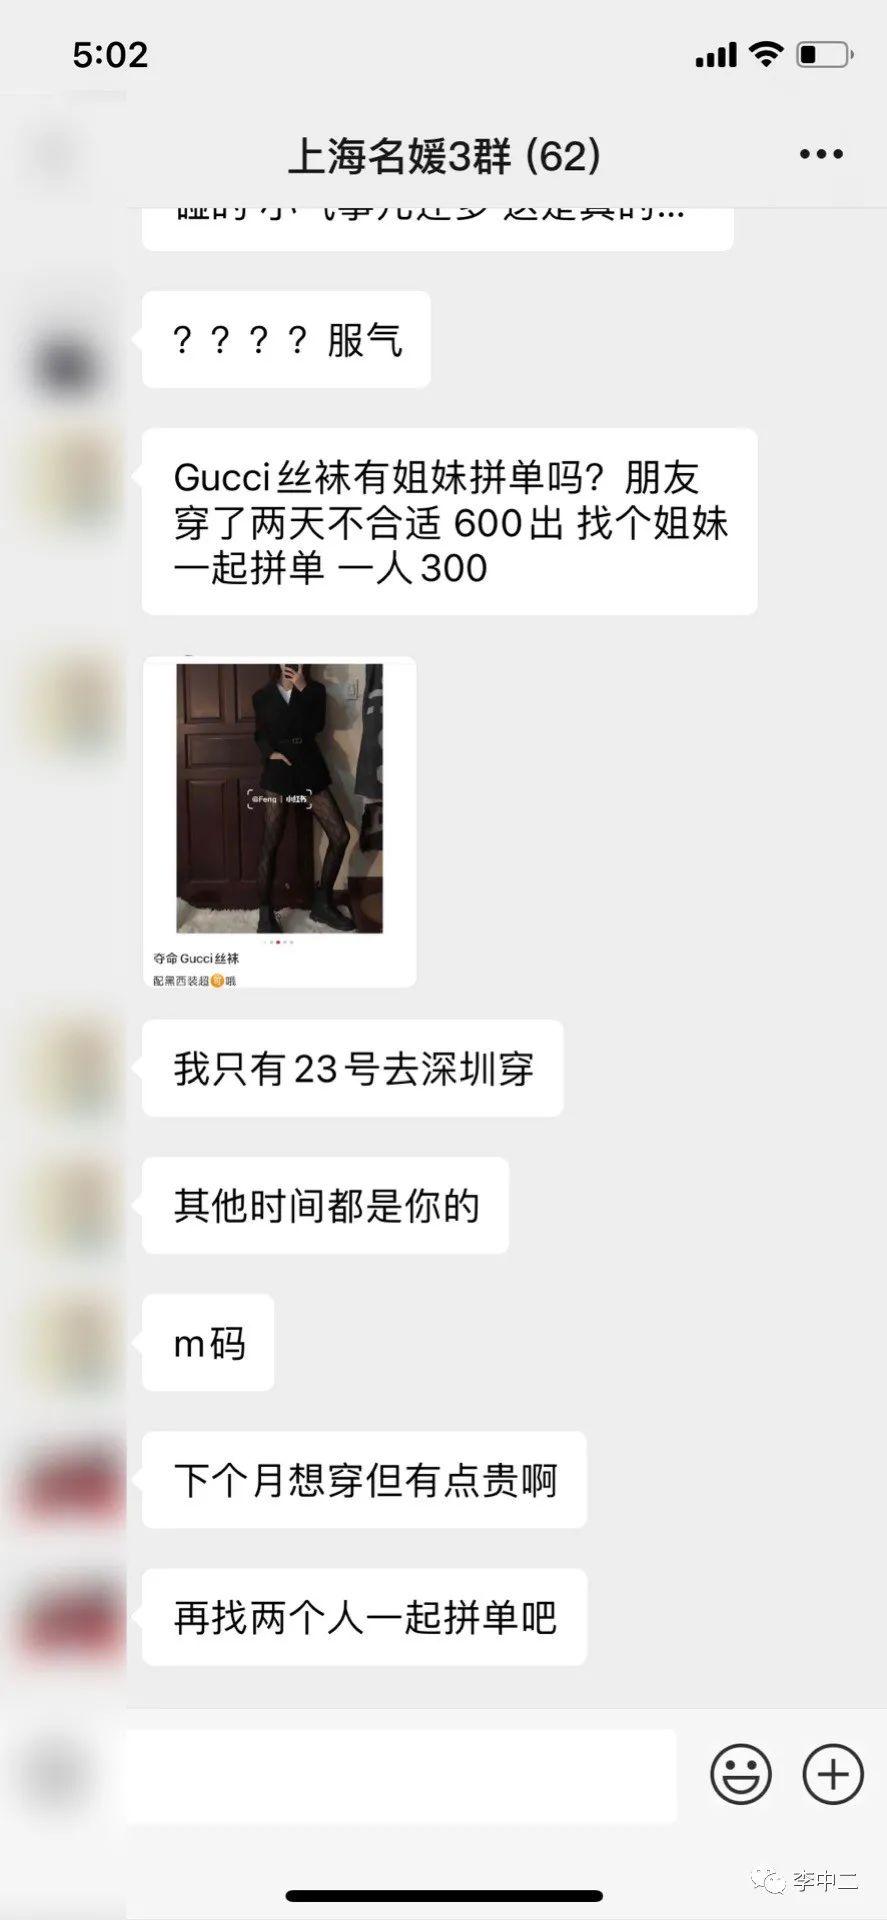 """""""名媛拼夕夕"""":社交媒体时代还有真实可言吗?"""